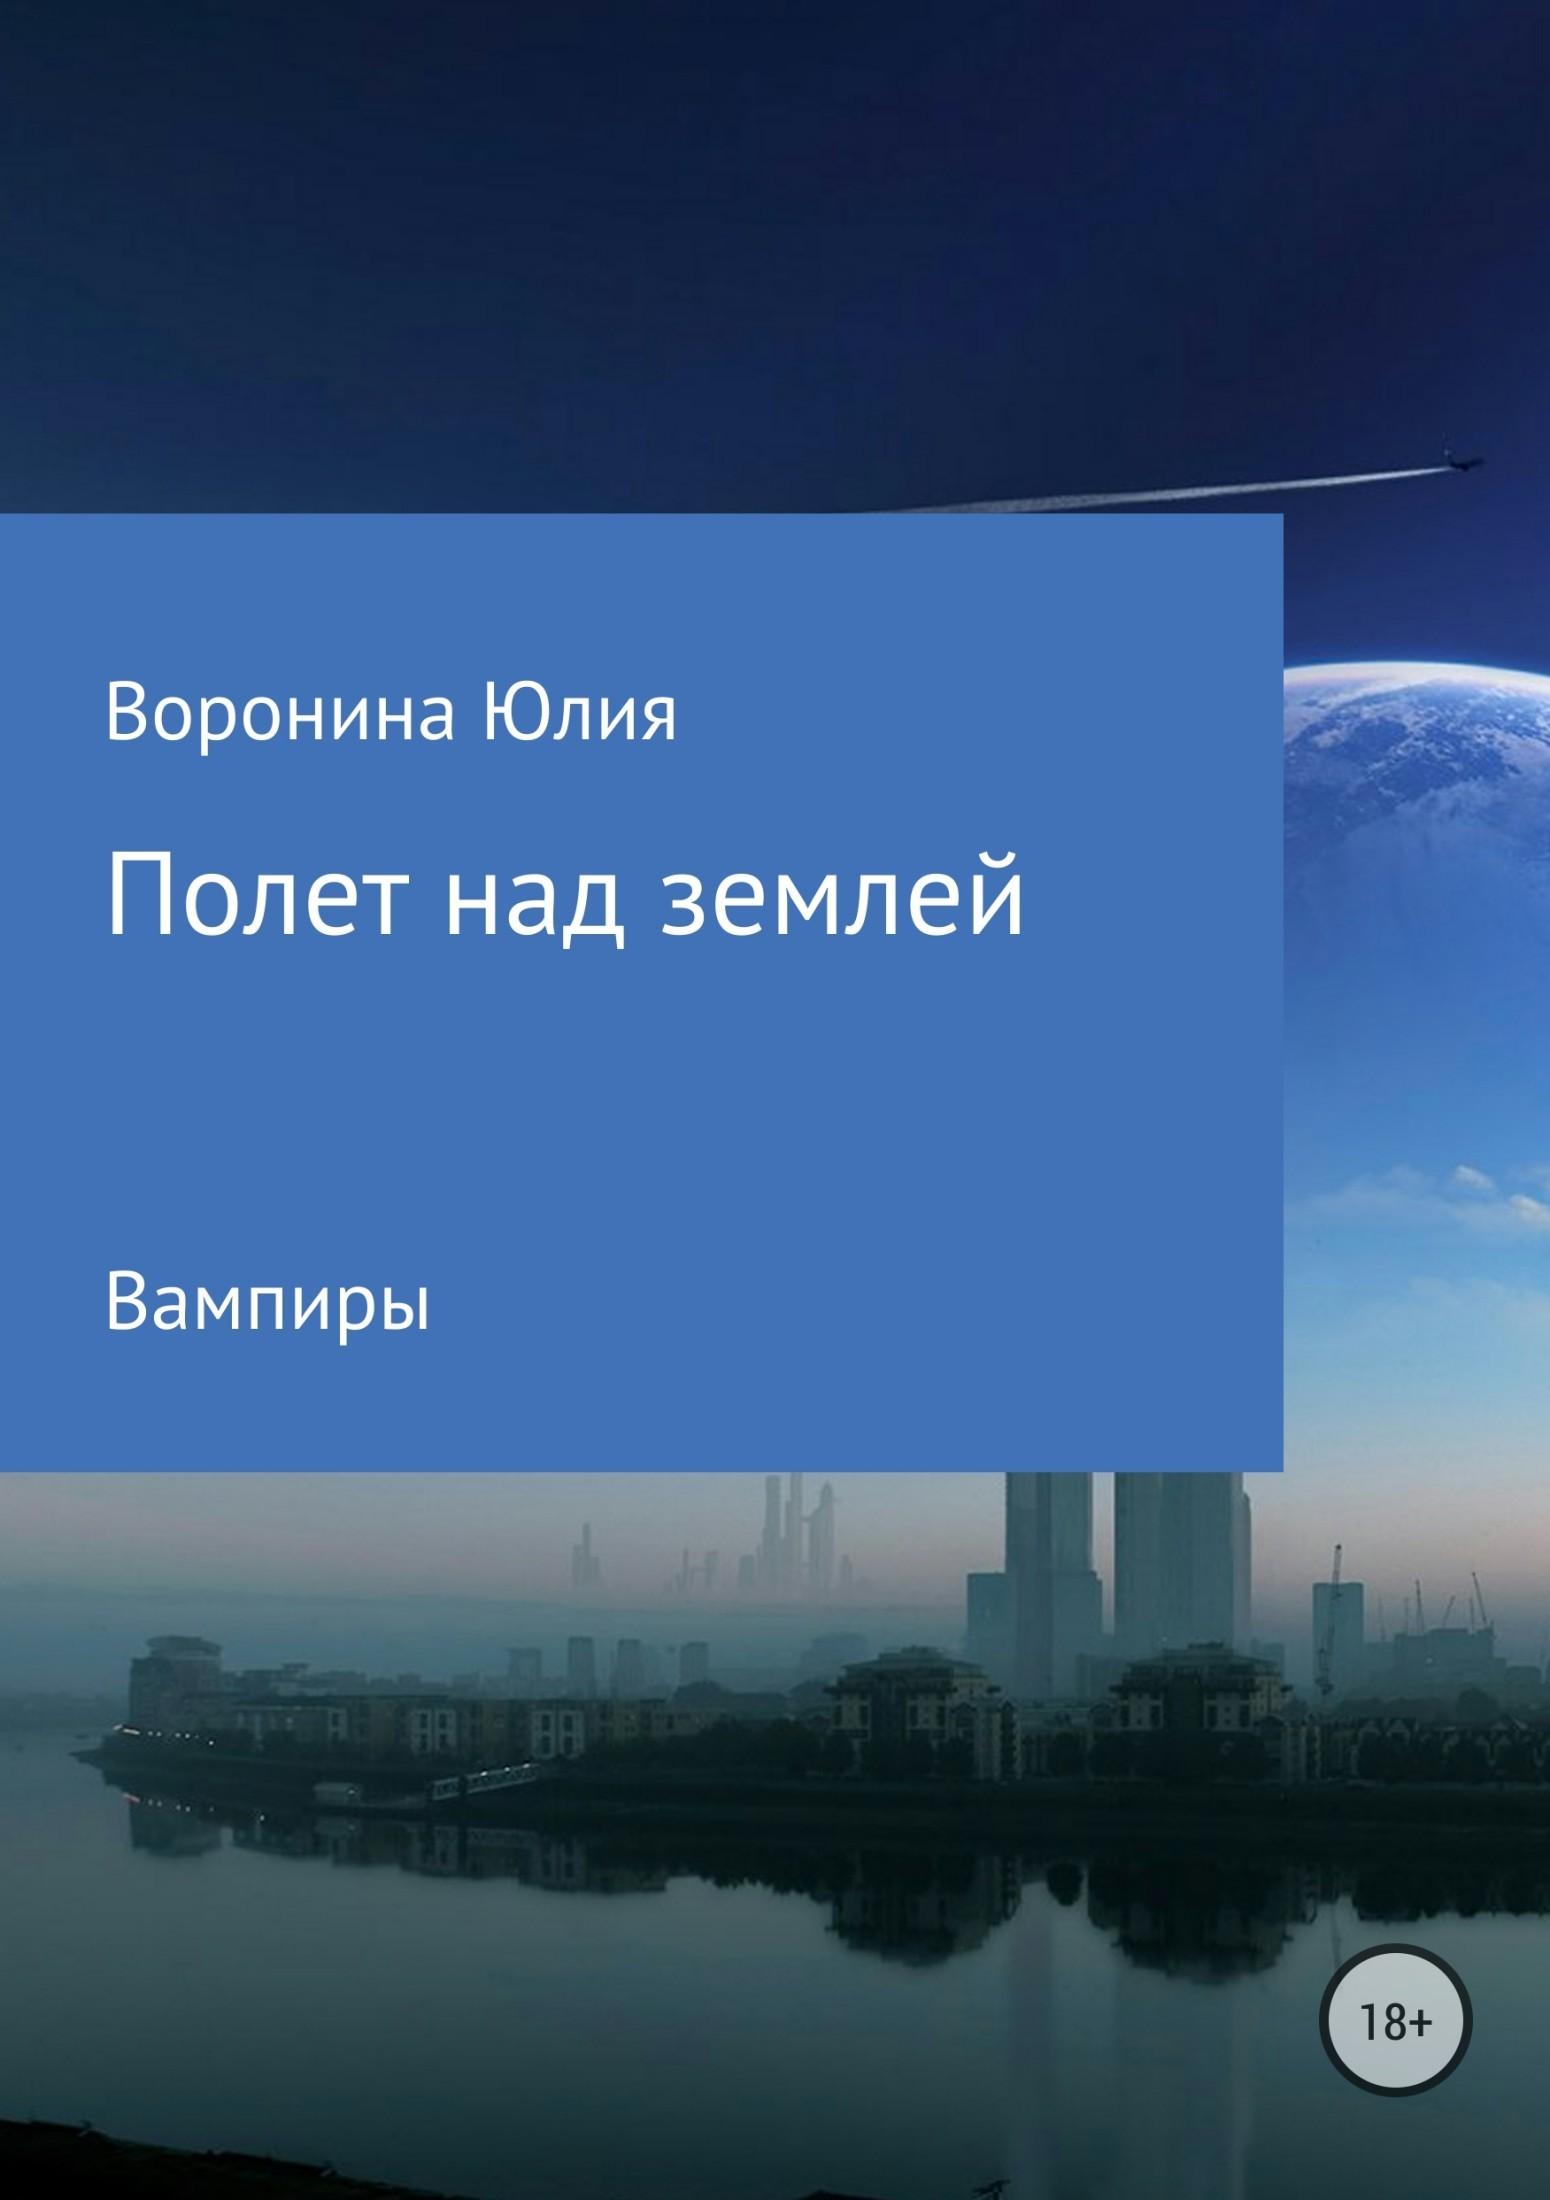 Юлия Геннадьевна Воронина. Полет над землей. Вампиры